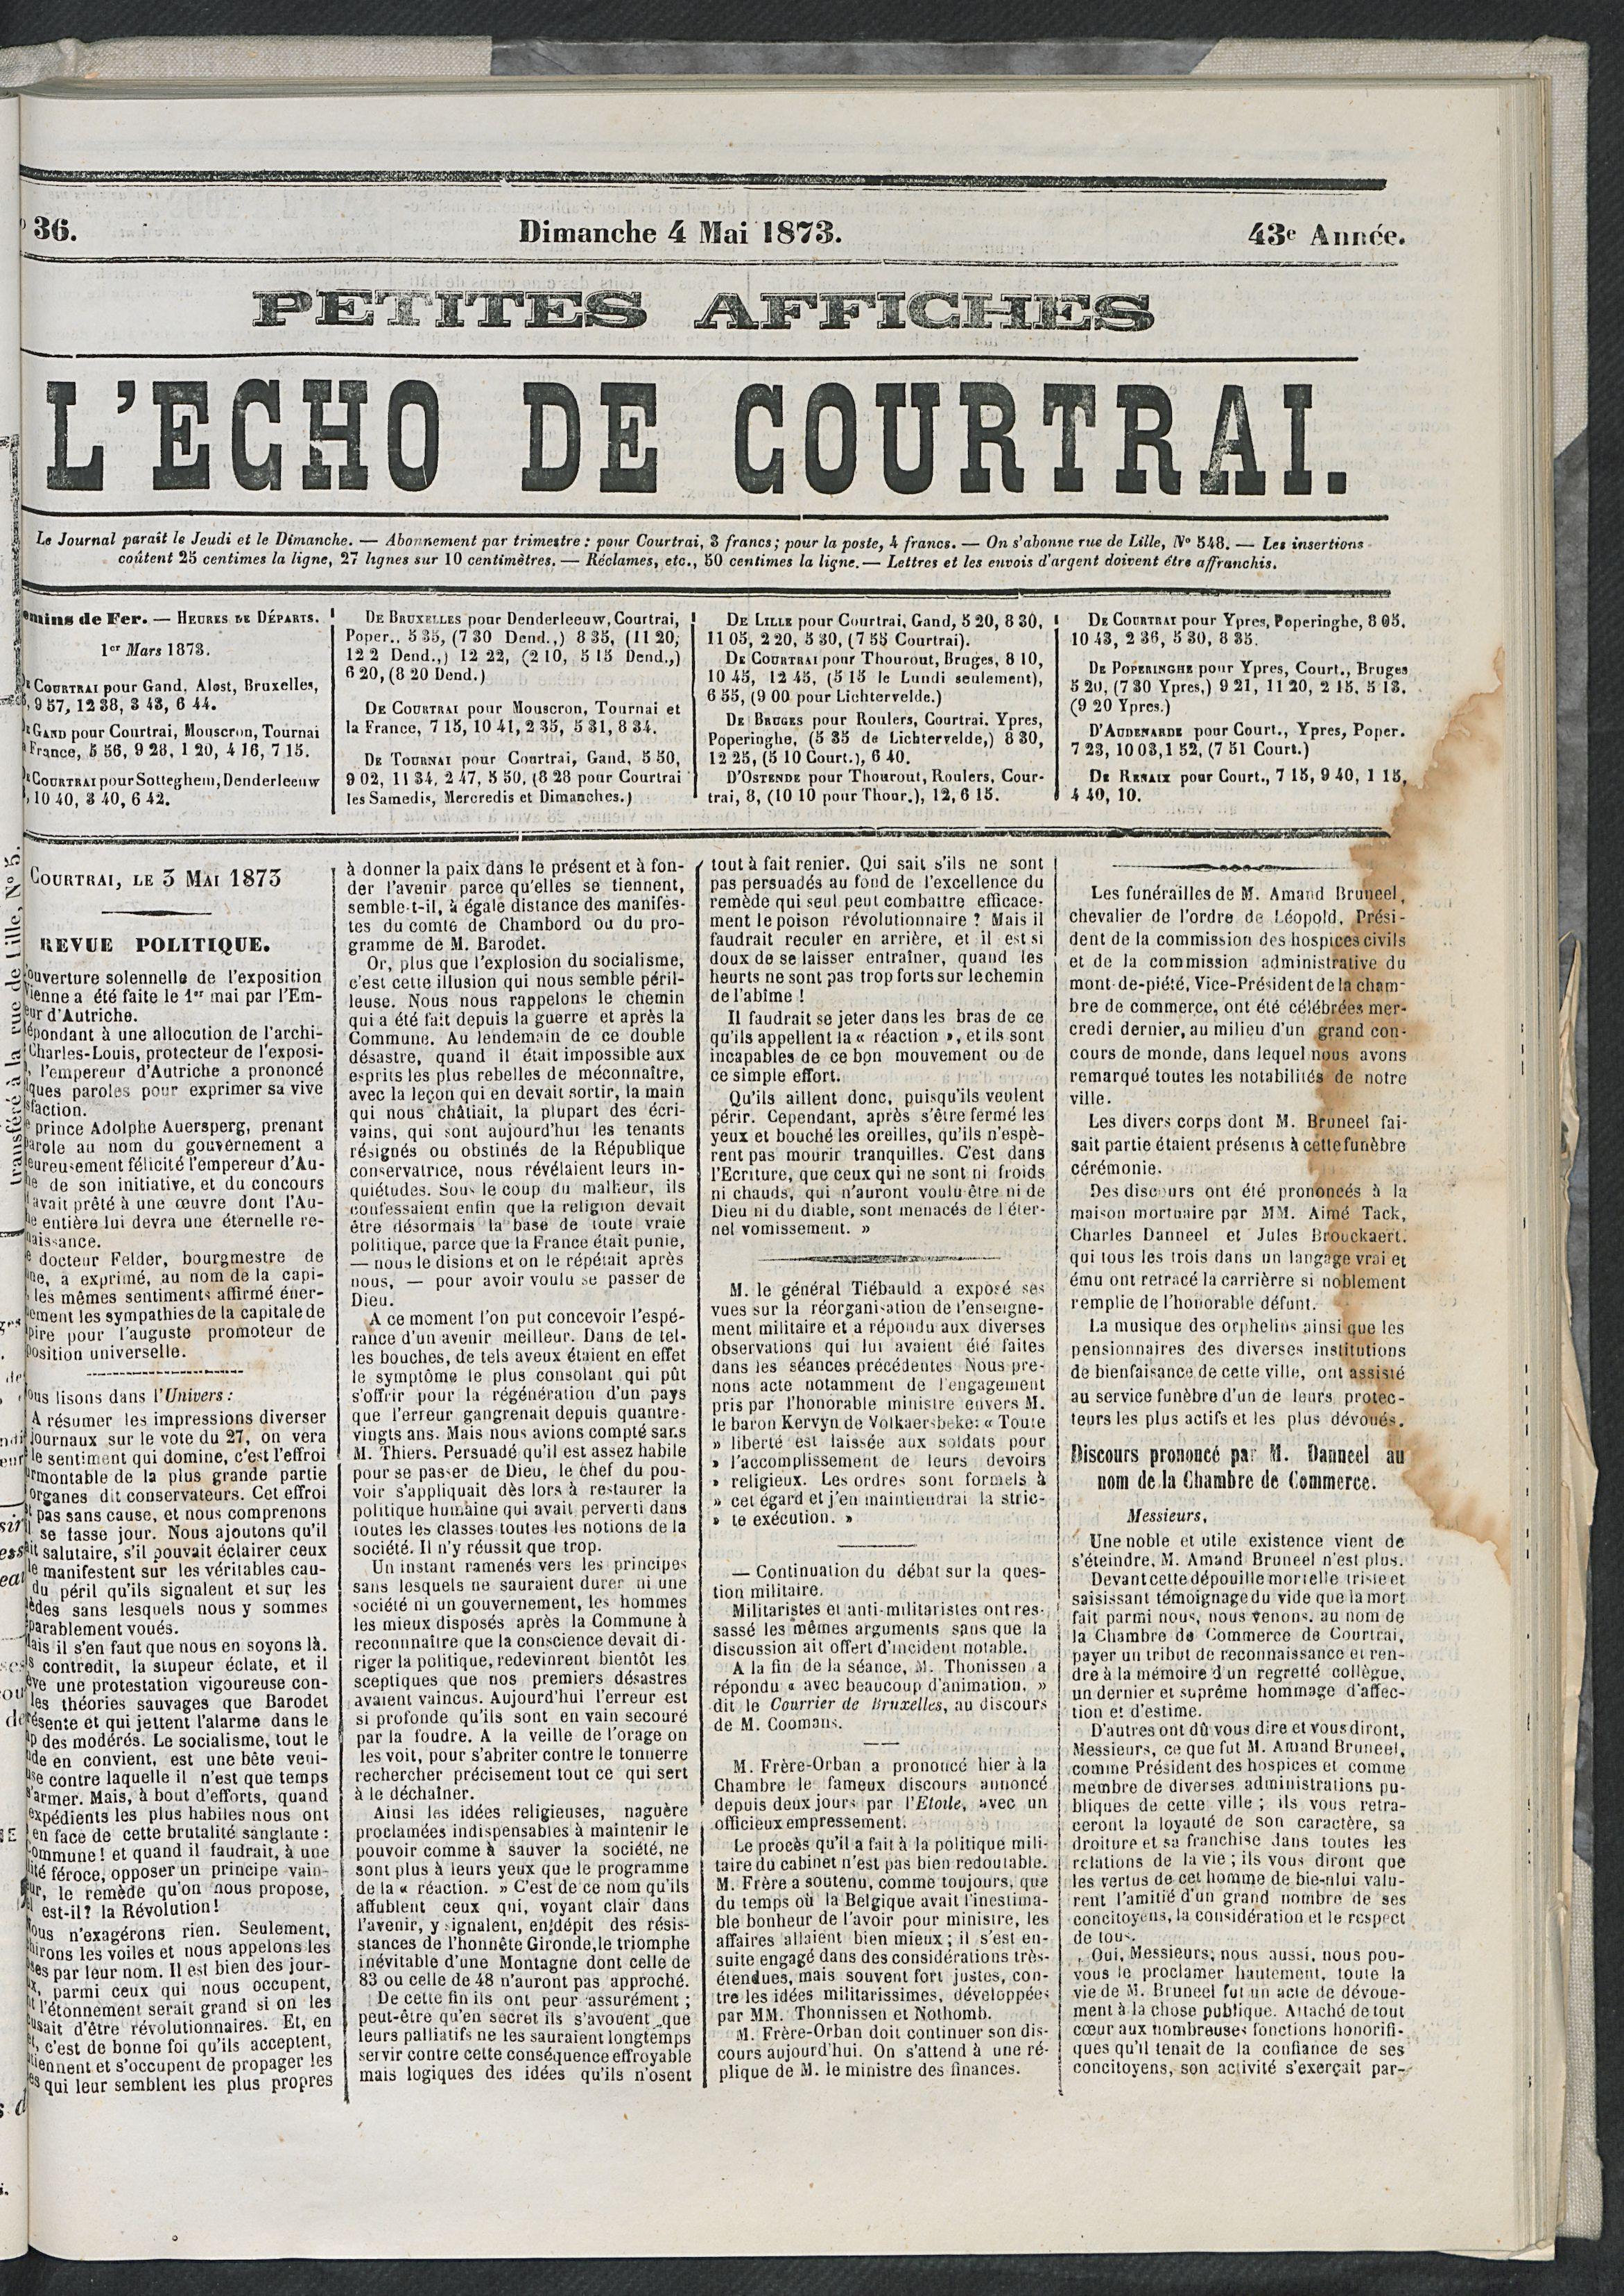 L'echo De Courtrai 1873-05-04 p1